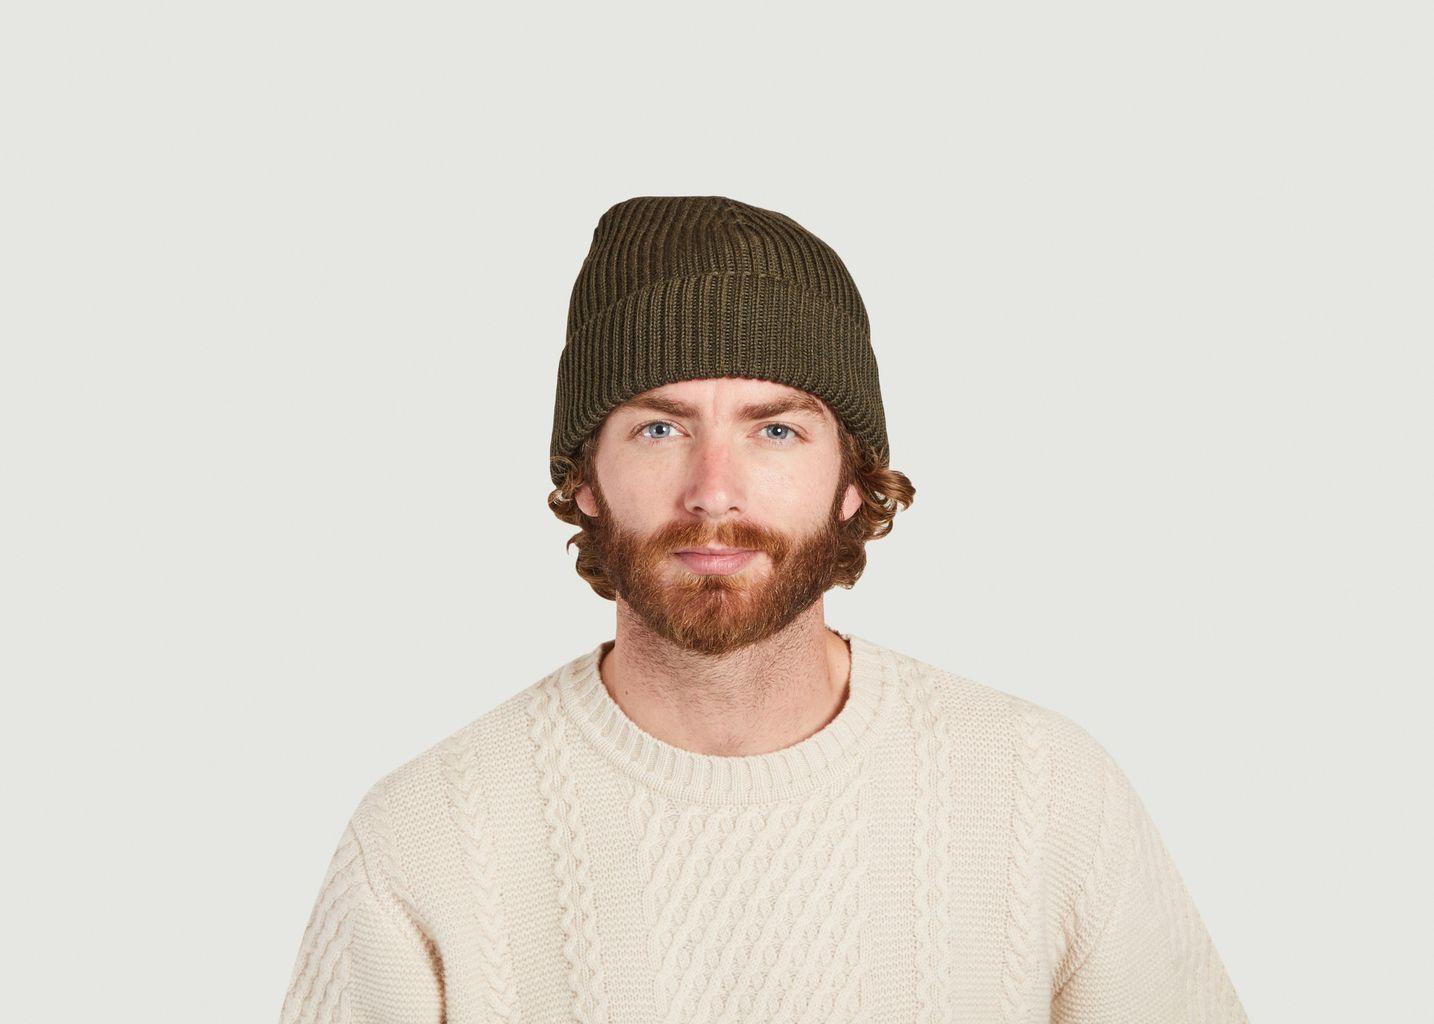 Gros bonnet en laine mérinos - JagVi